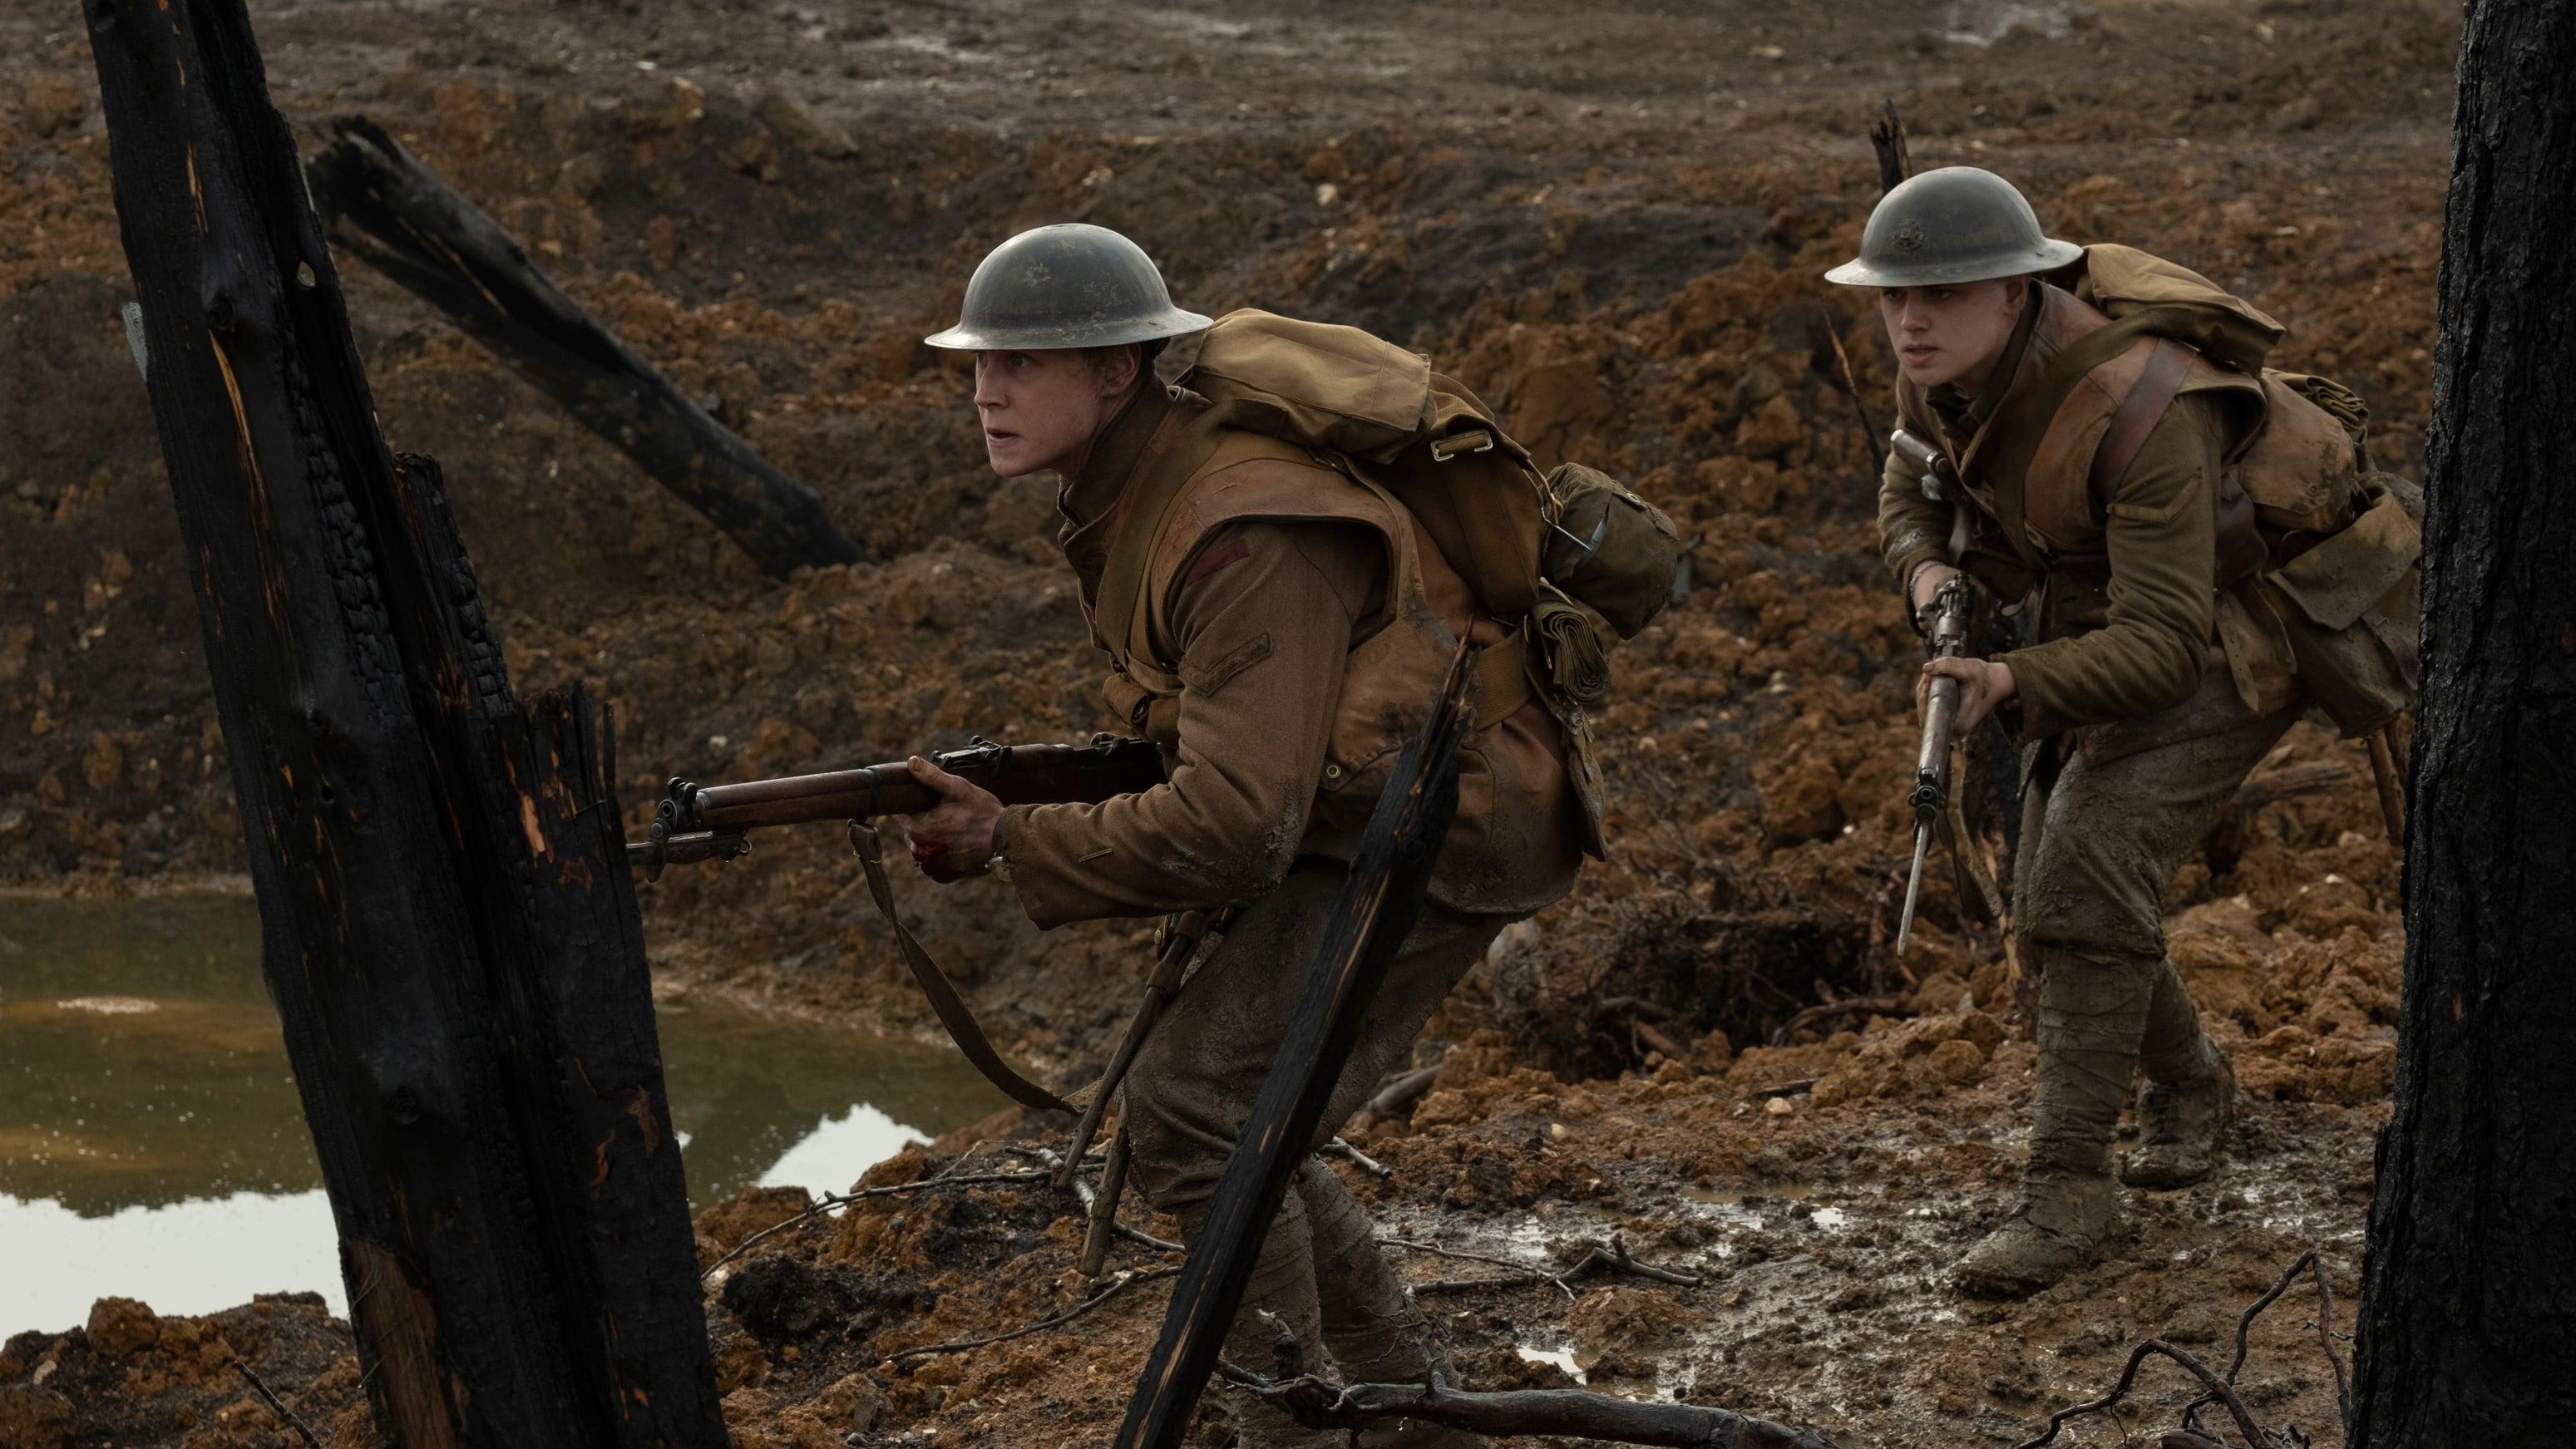 Реалистичный фильм про первую мировую войну 1917